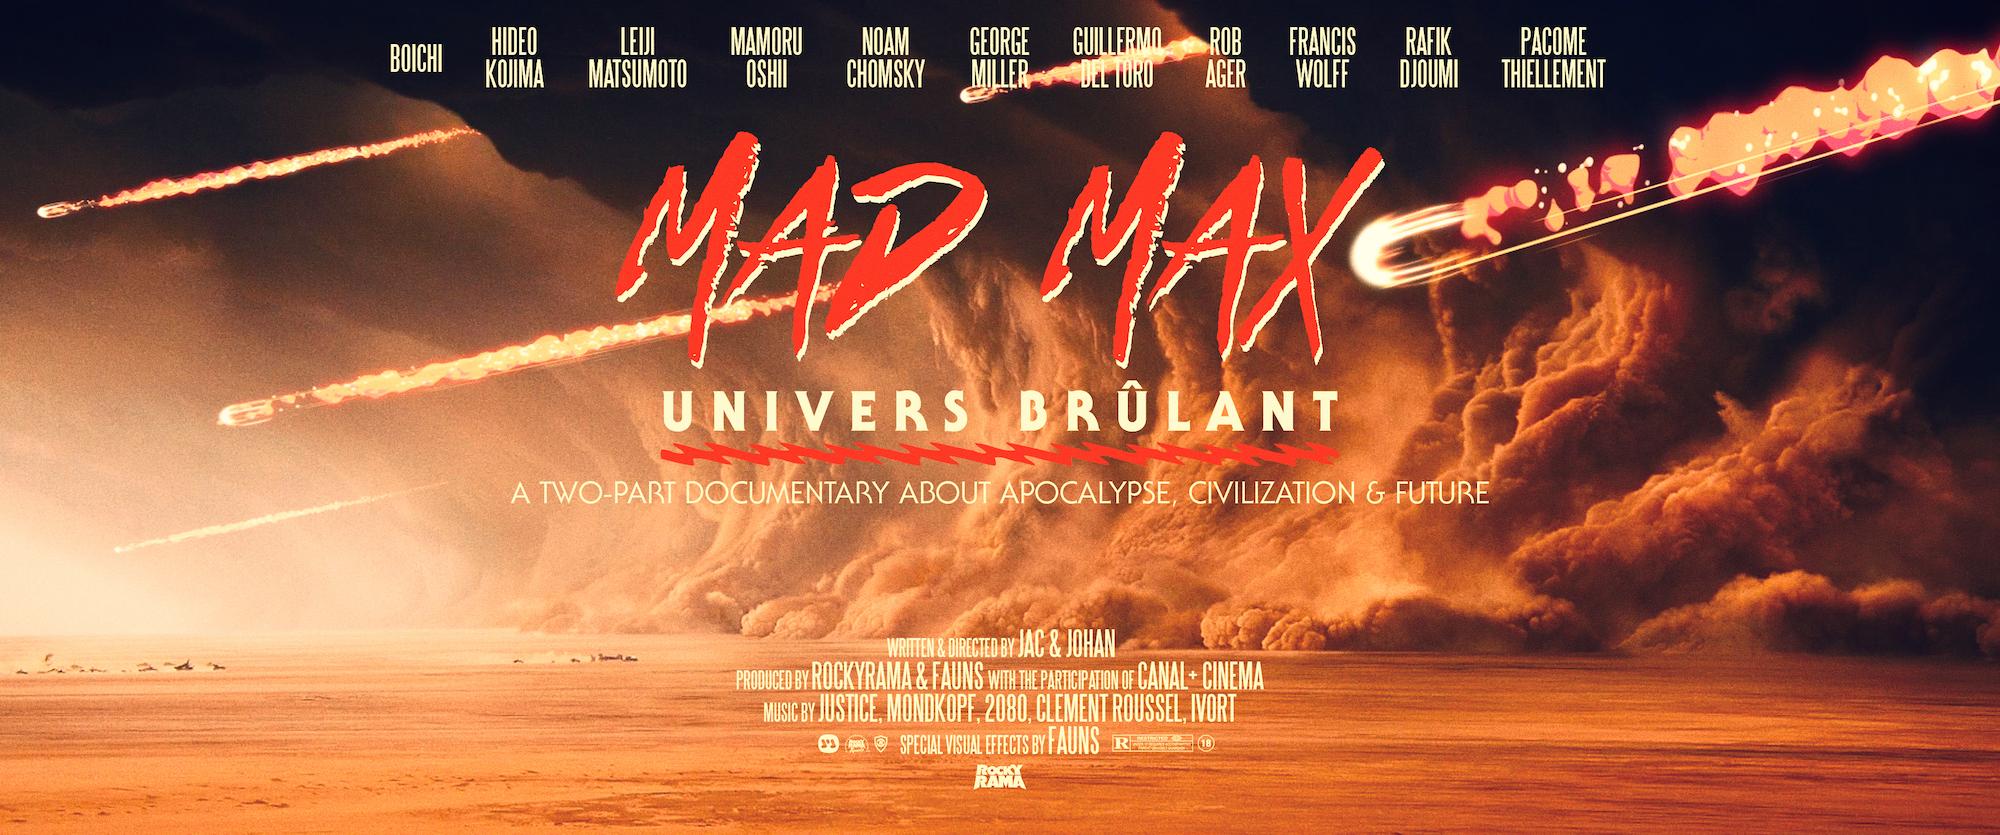 la-premiere-affiche-de-mad-max-univers-brulant